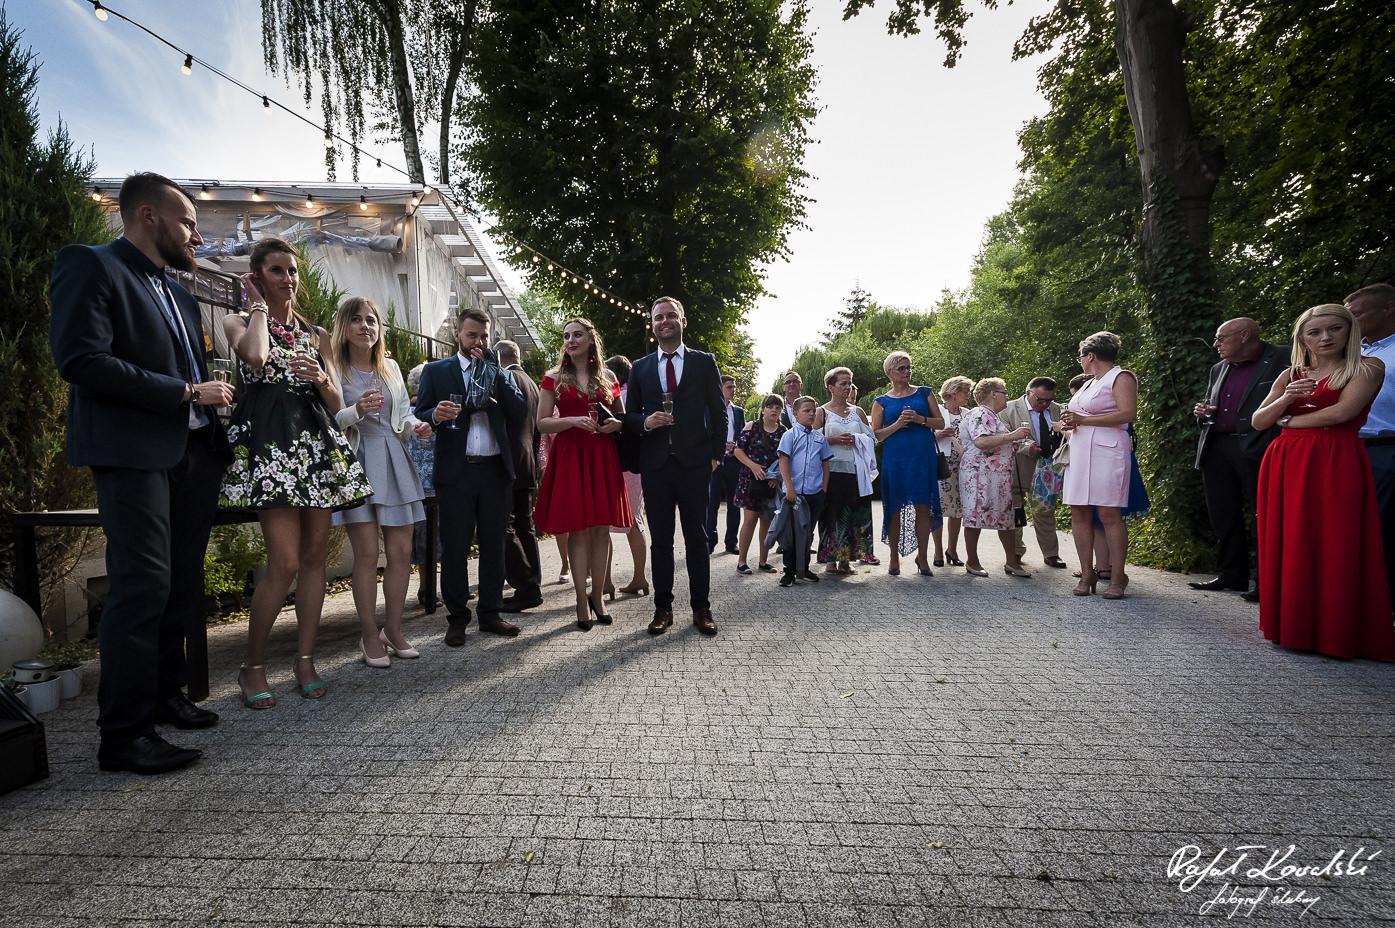 Restauracja Nad Potokiem - fotograf Ślubny Rafał Kowalski